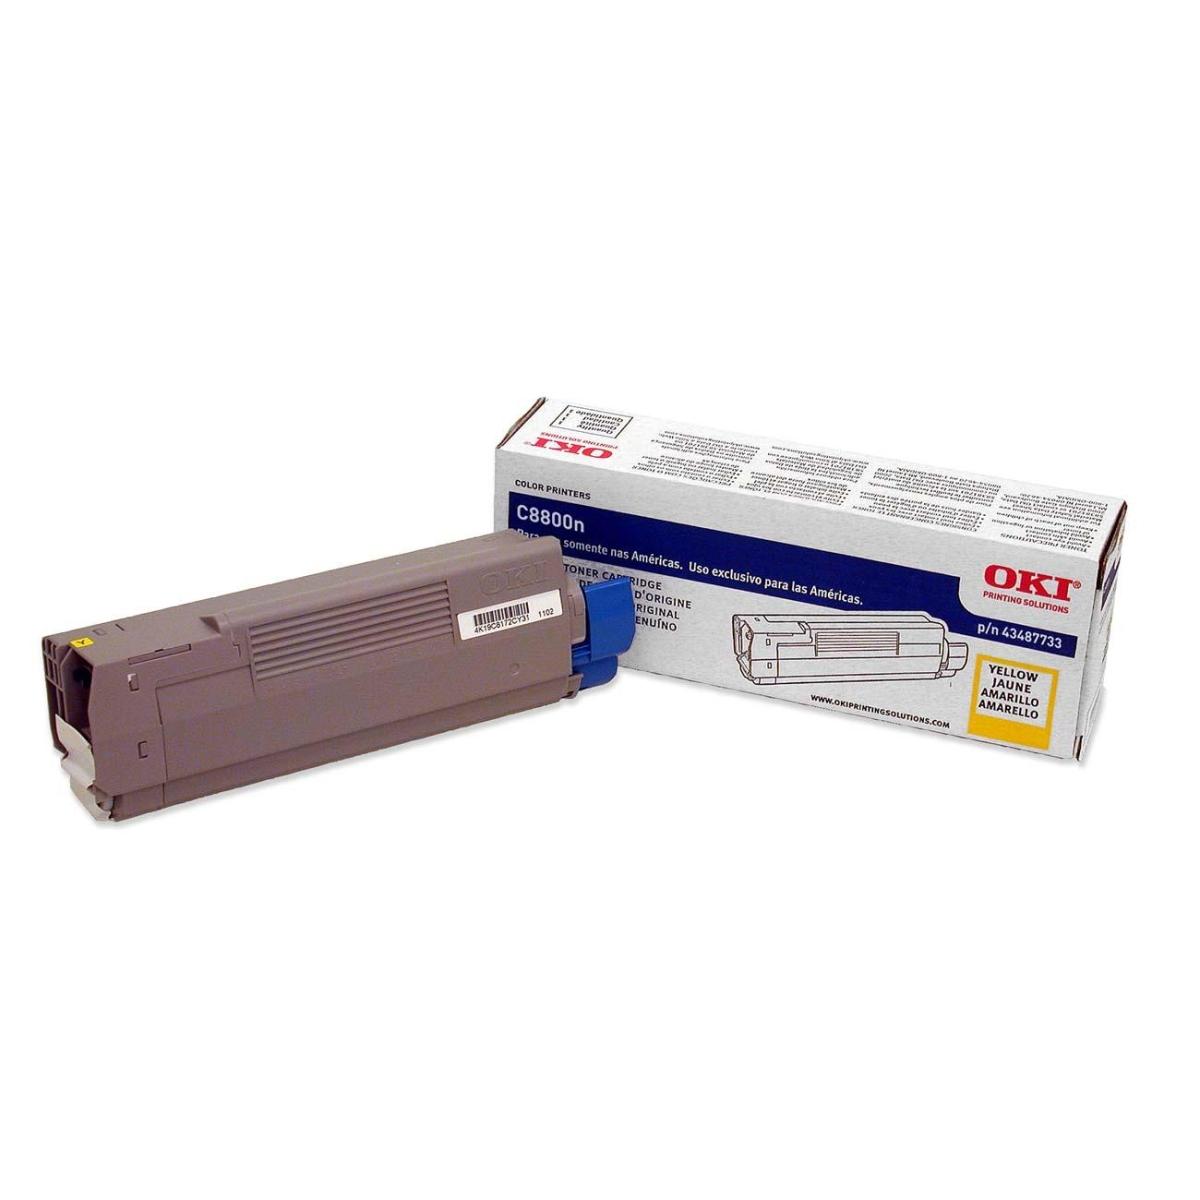 OKI - Yellow - original - toner cartridge - for C8800cdtn 8800dn 8800dtn 8800hn 8800n